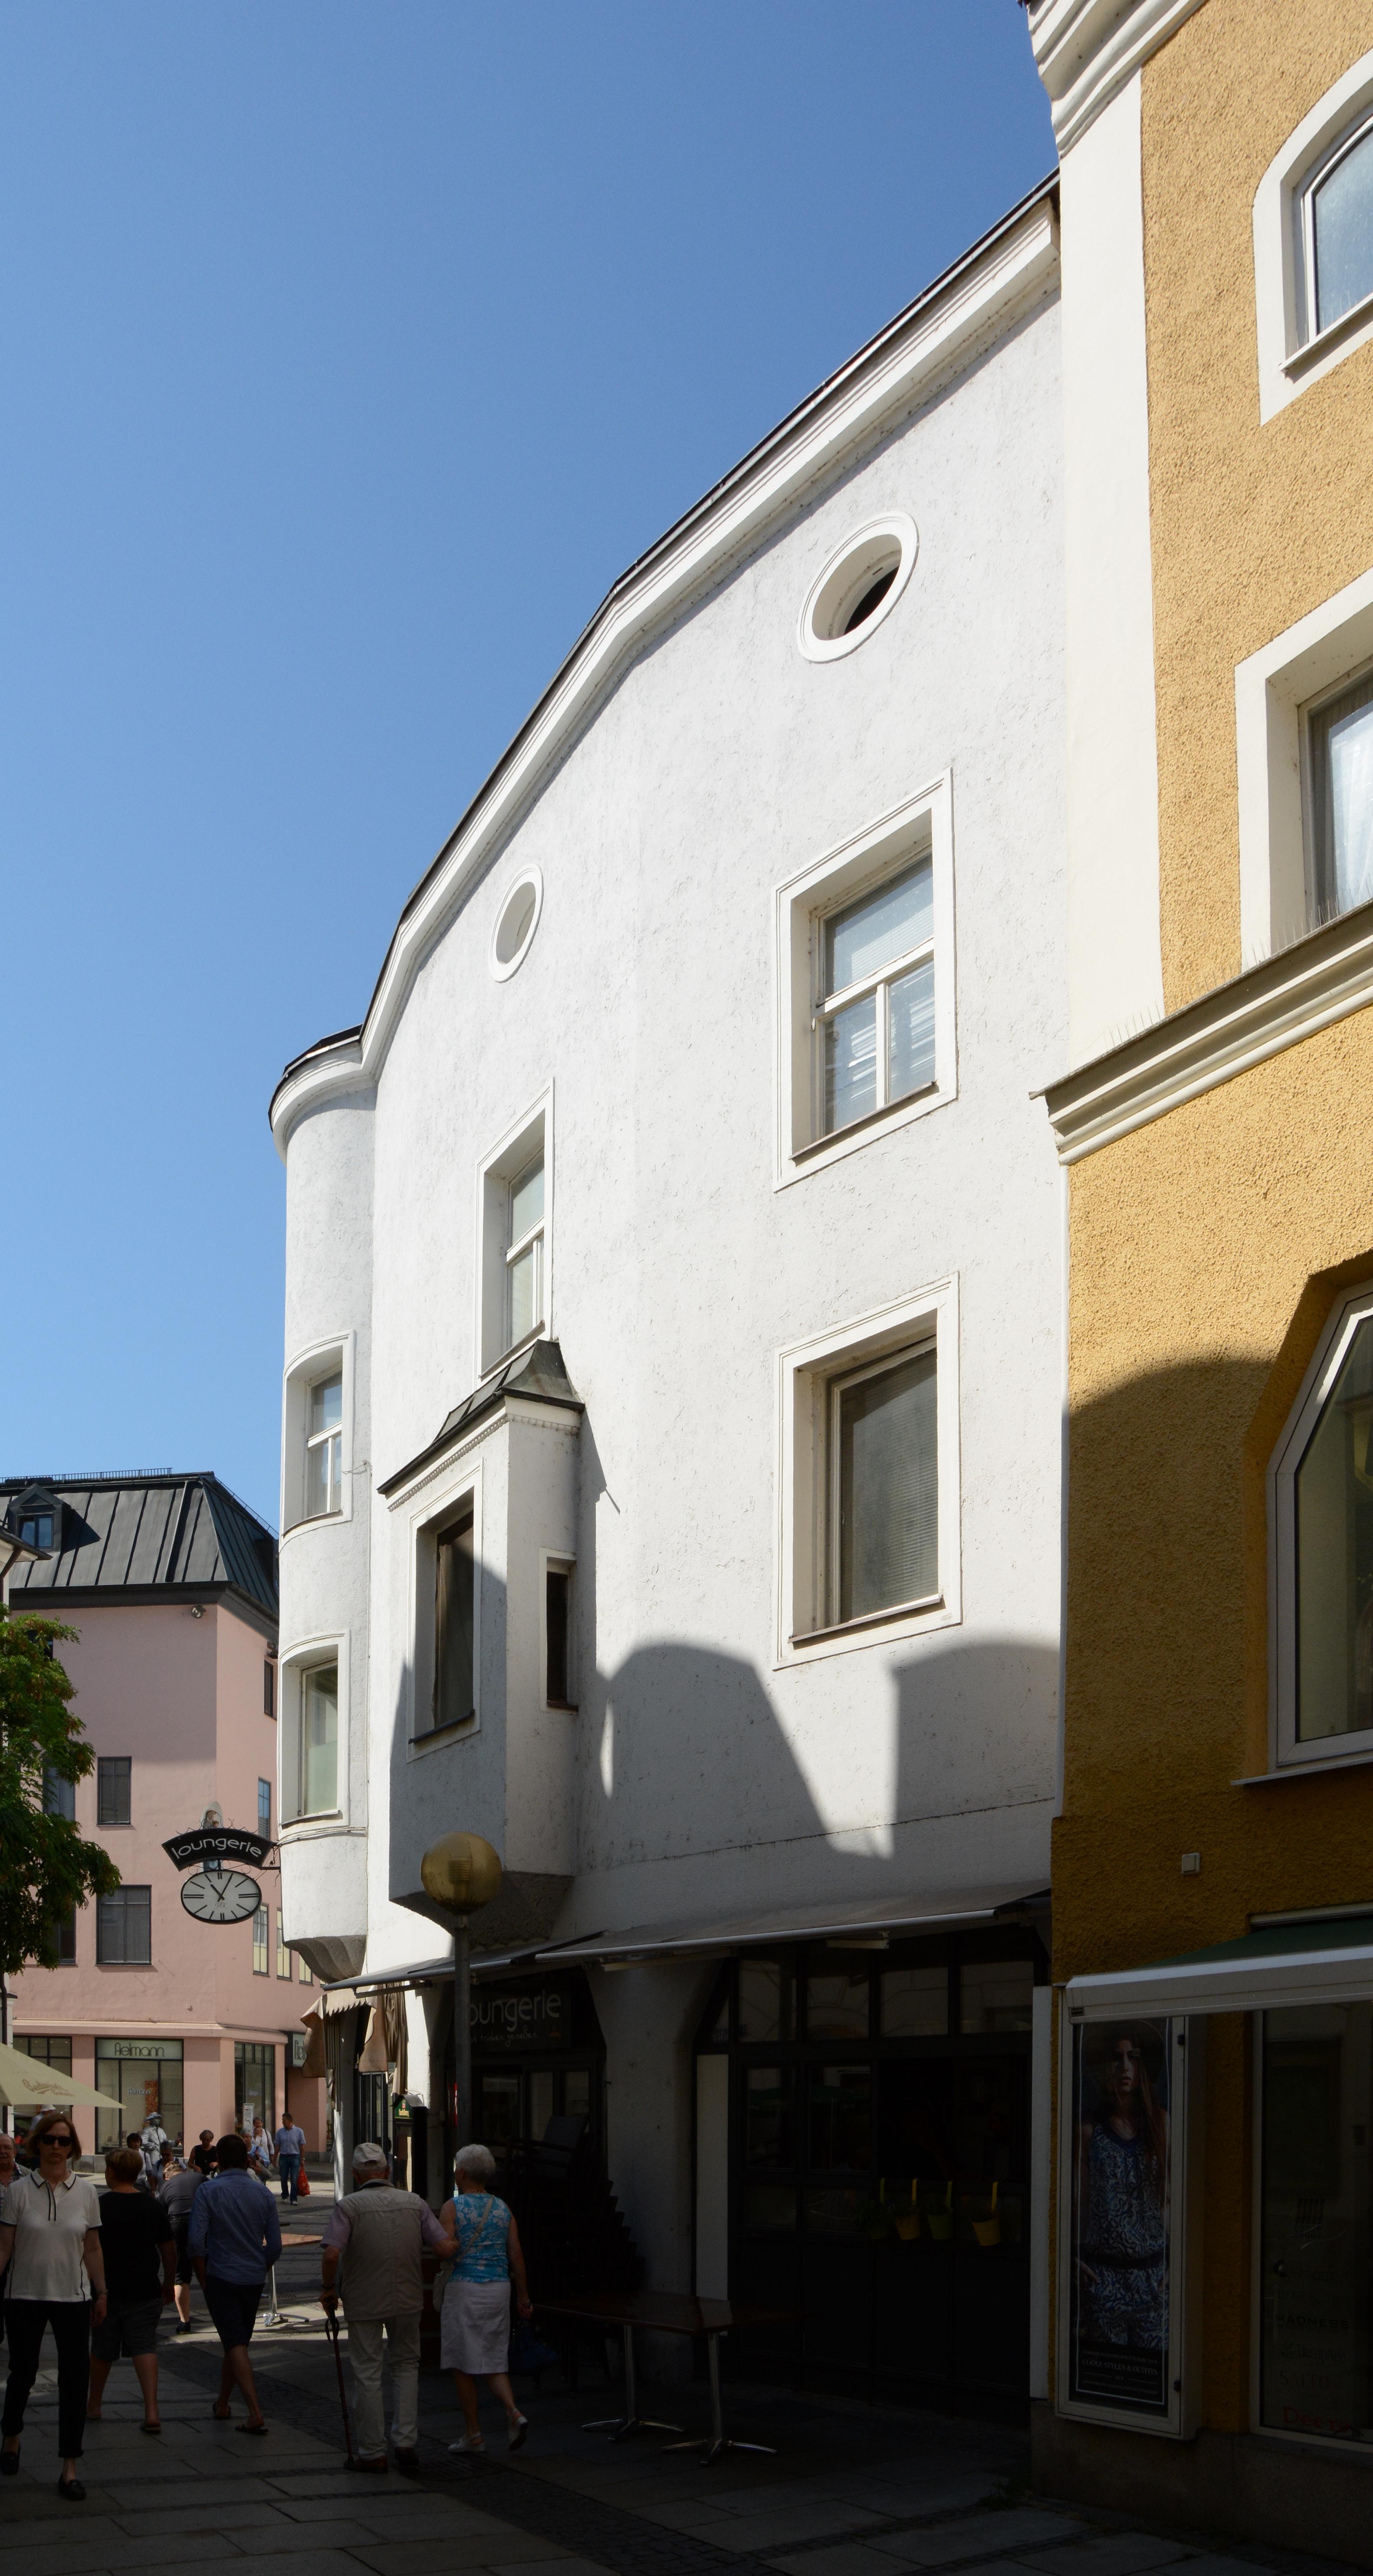 Dateiwohnhaus Heuwinkel 10passau Cjpg Wikipedia